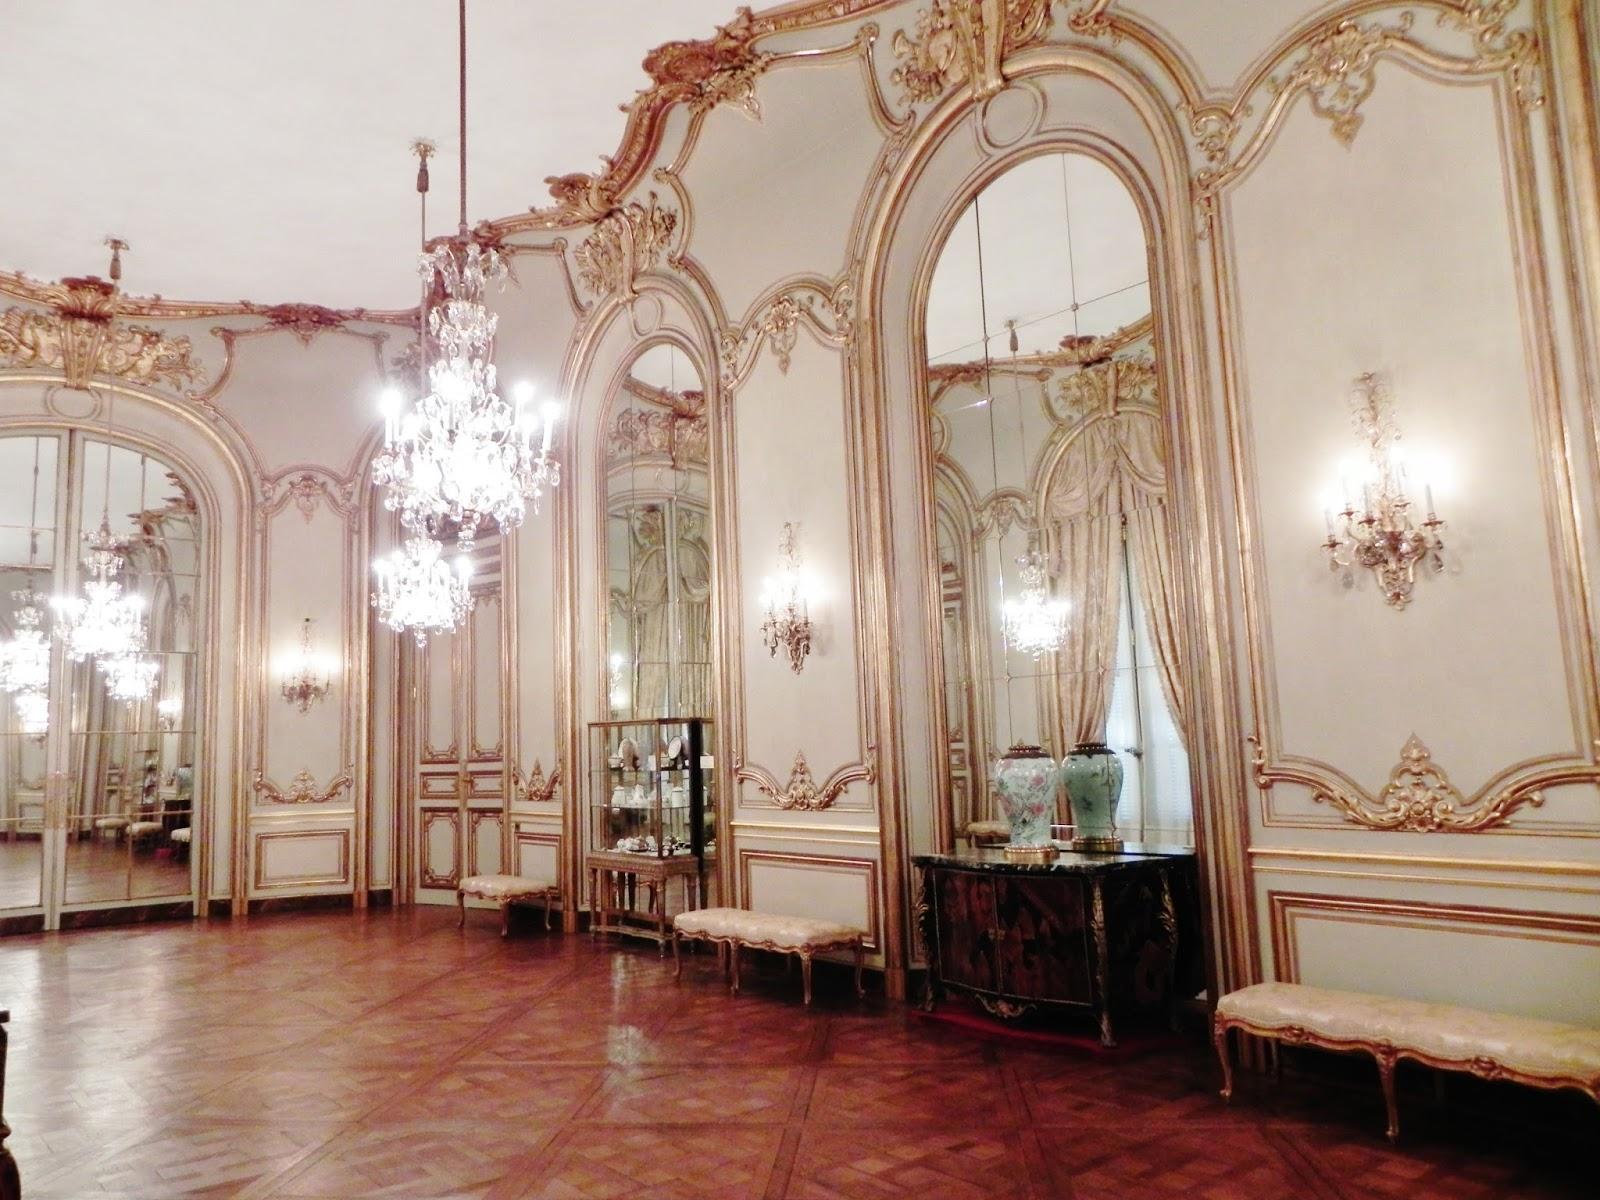 Revista archivos del sur reapertura del sal n de baile restaurado en el museo nacional de arte - Salones antiguos ...